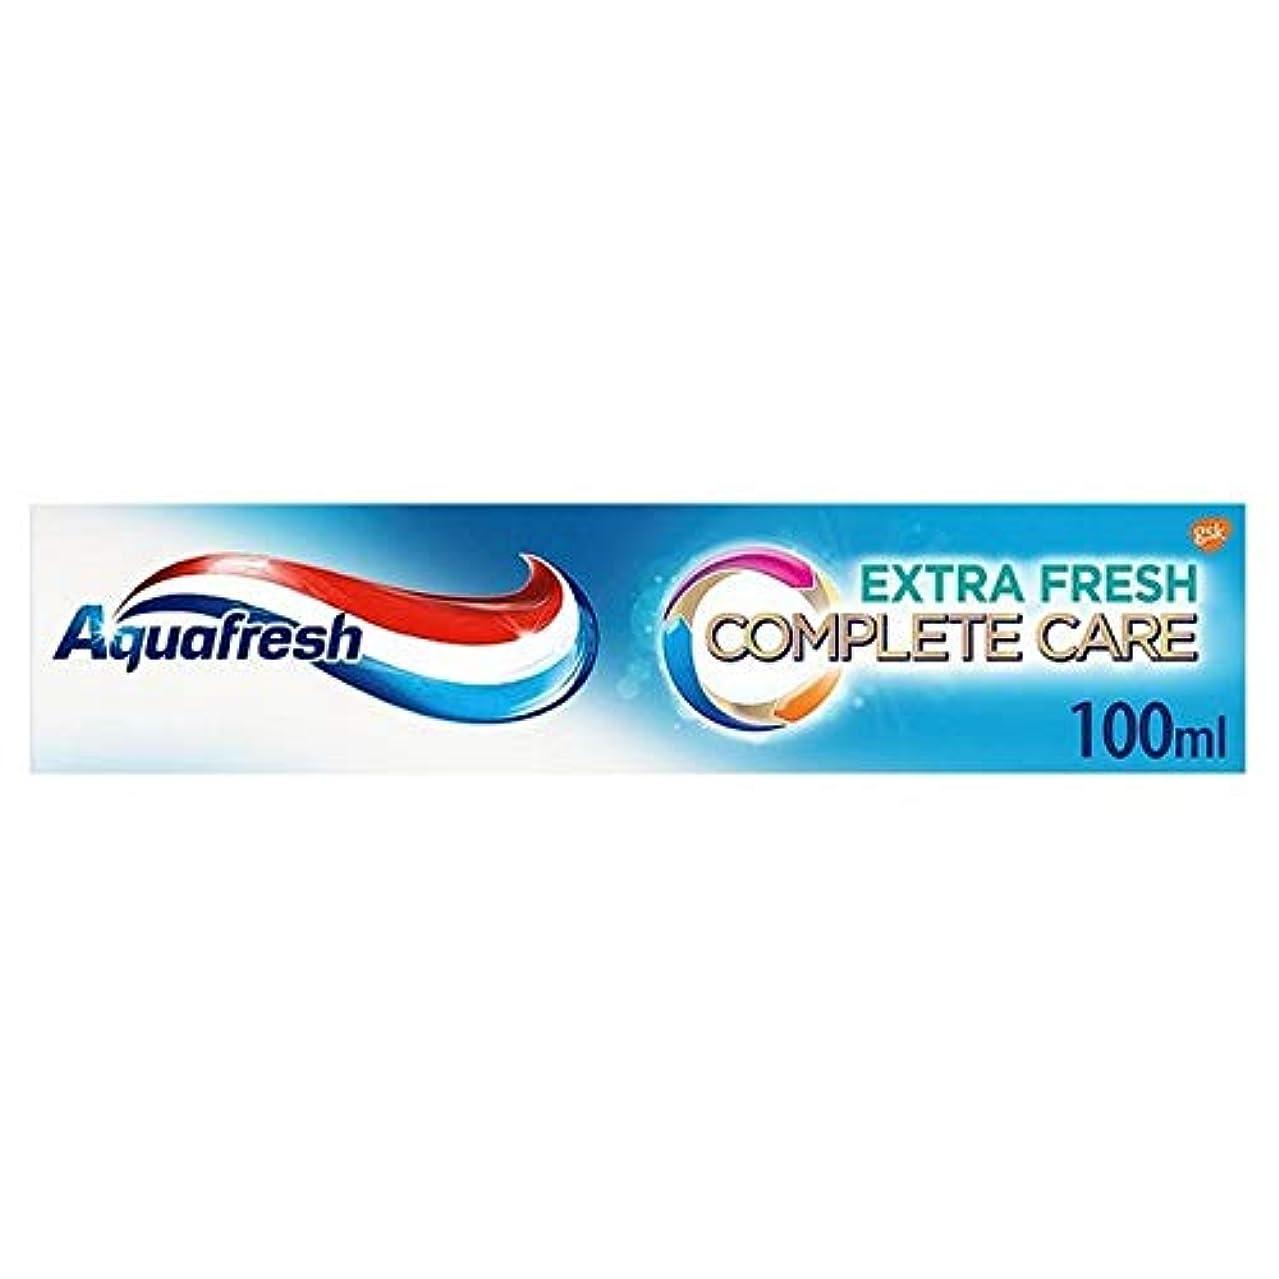 無秩序吹きさらし累計[Aquafresh ] アクアフレッシュ完全なケアの余分な新鮮な歯磨き粉の100ミリリットル - Aquafresh Complete Care Extra Fresh Toothpaste 100ml [並行輸入品]